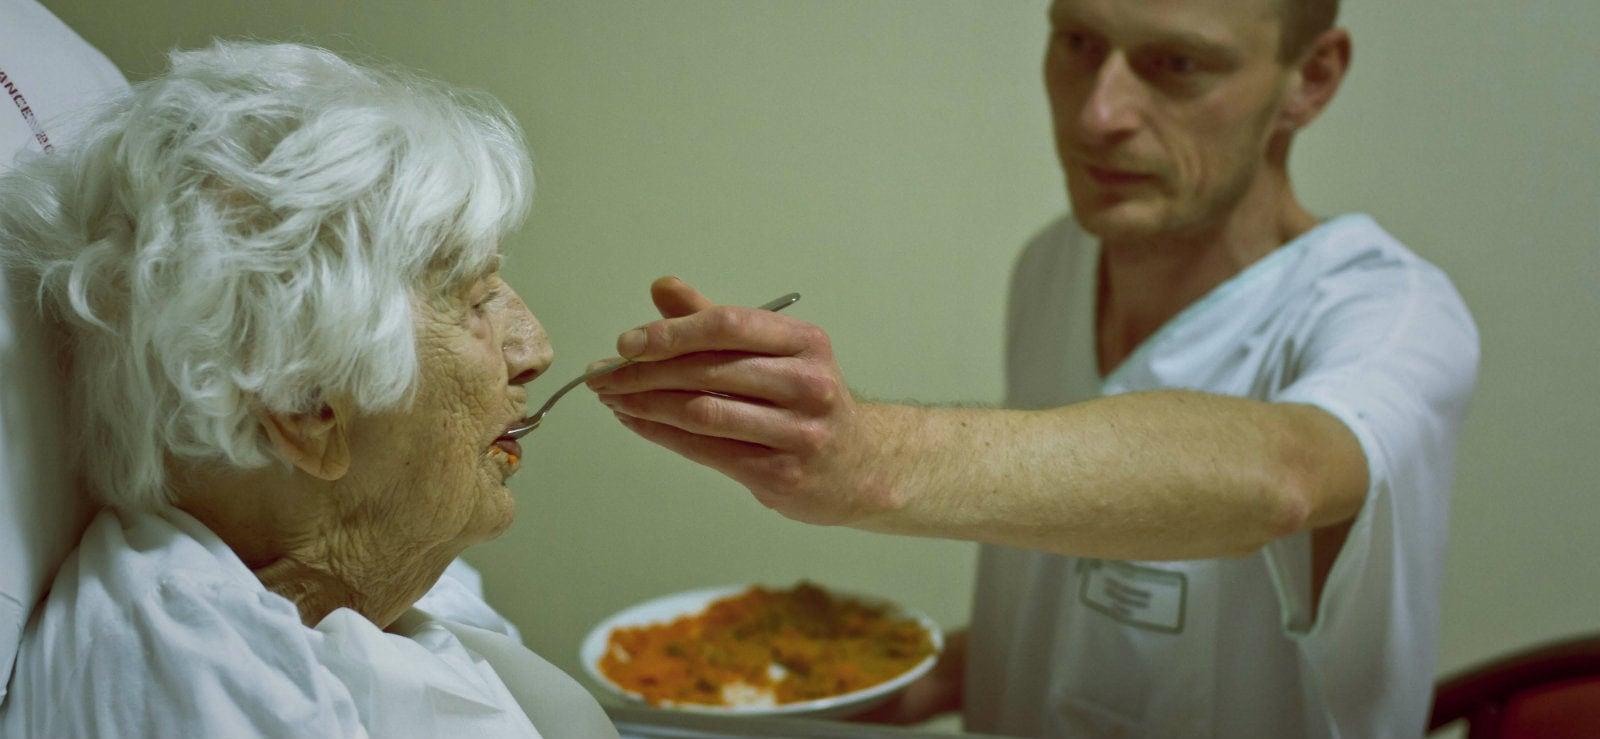 Grève des maisons de retraite: le manque de moyens accable personnel et résidents